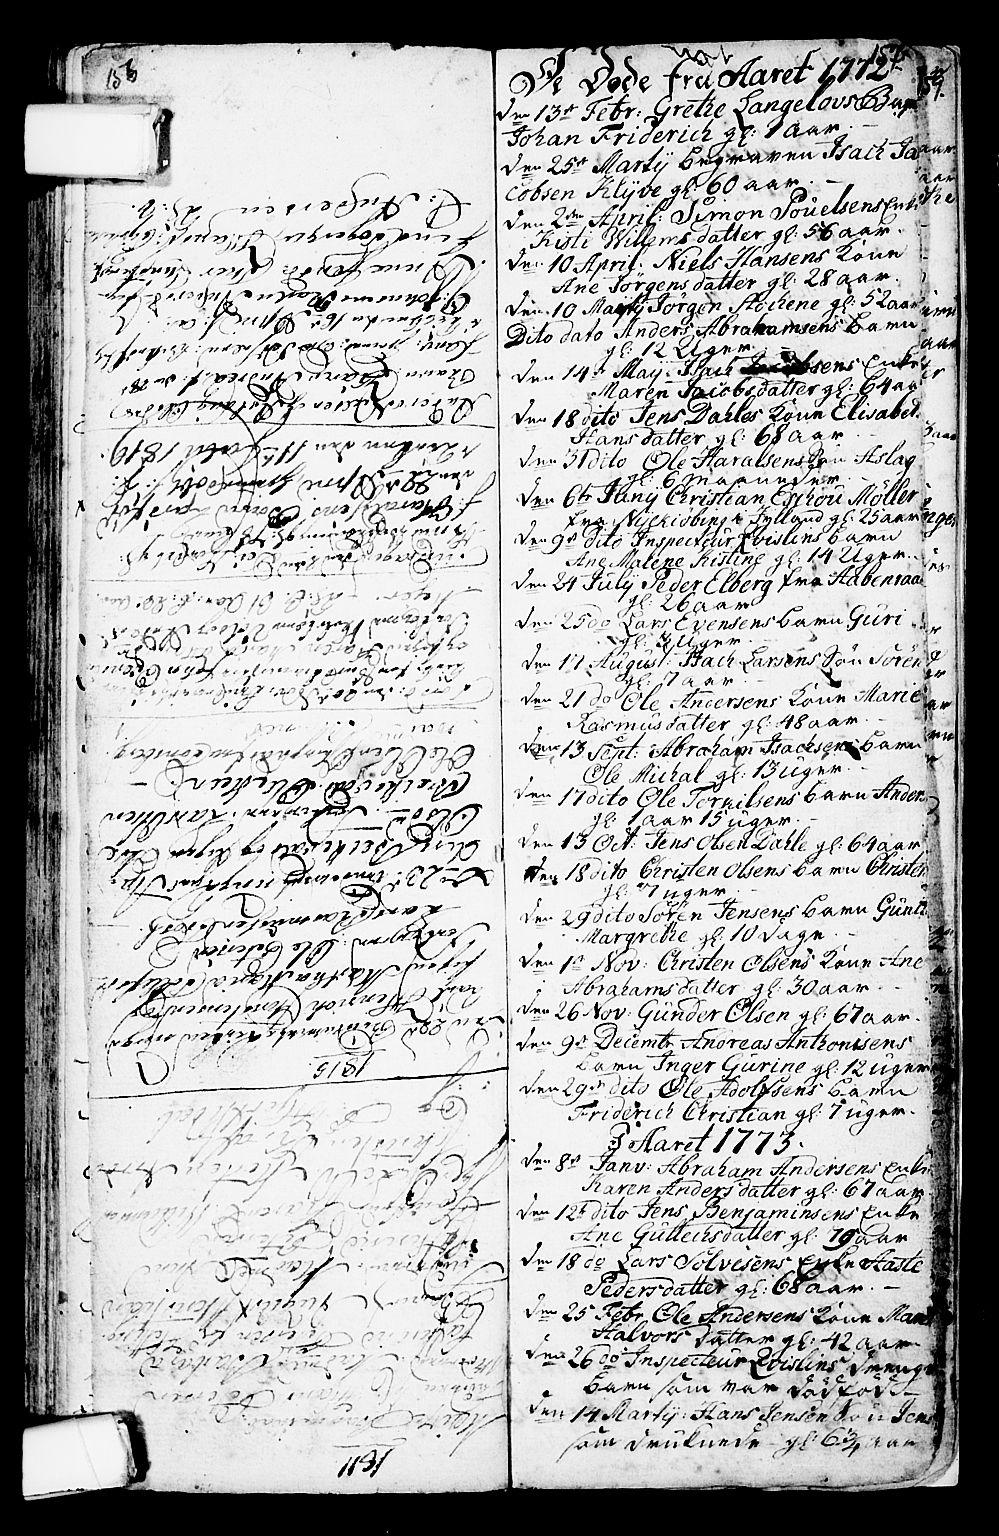 SAKO, Porsgrunn kirkebøker , G/Ga/L0001: Klokkerbok nr. I 1, 1766-1790, s. 156-157